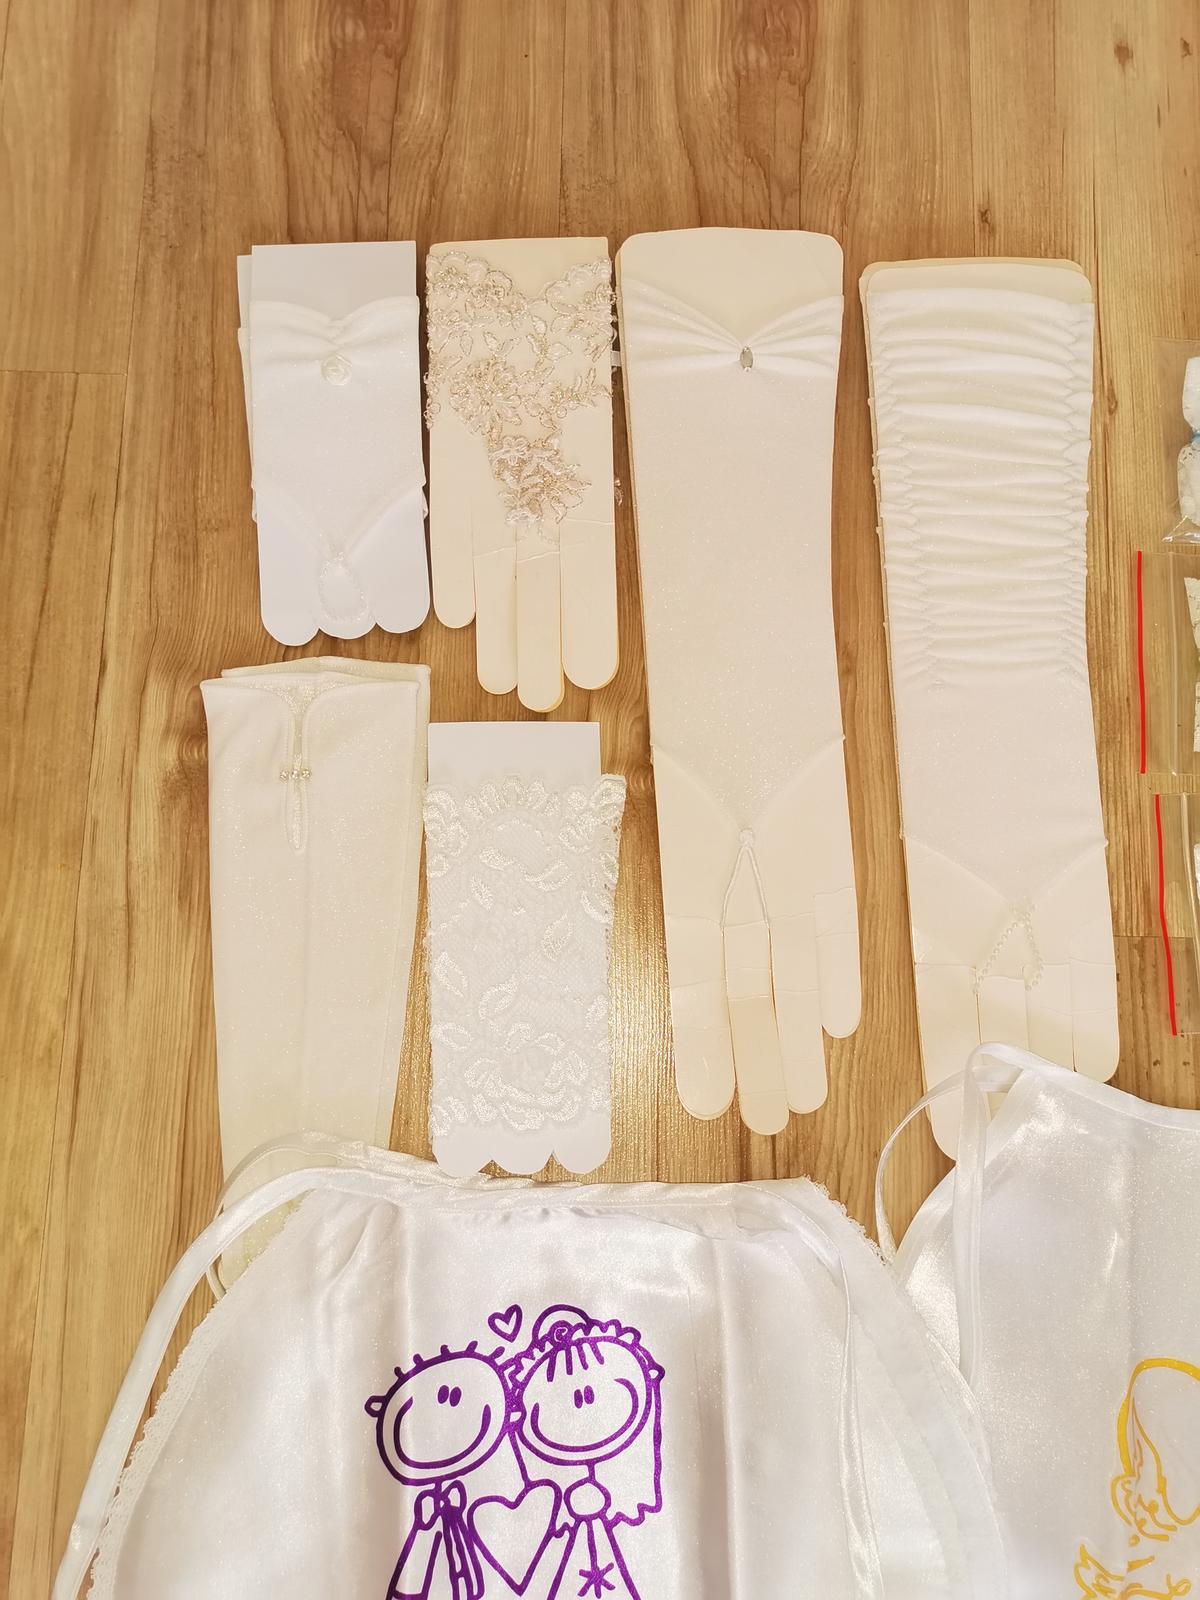 Podbradník, podvazky, rukavičky, šatky - Obrázok č. 4